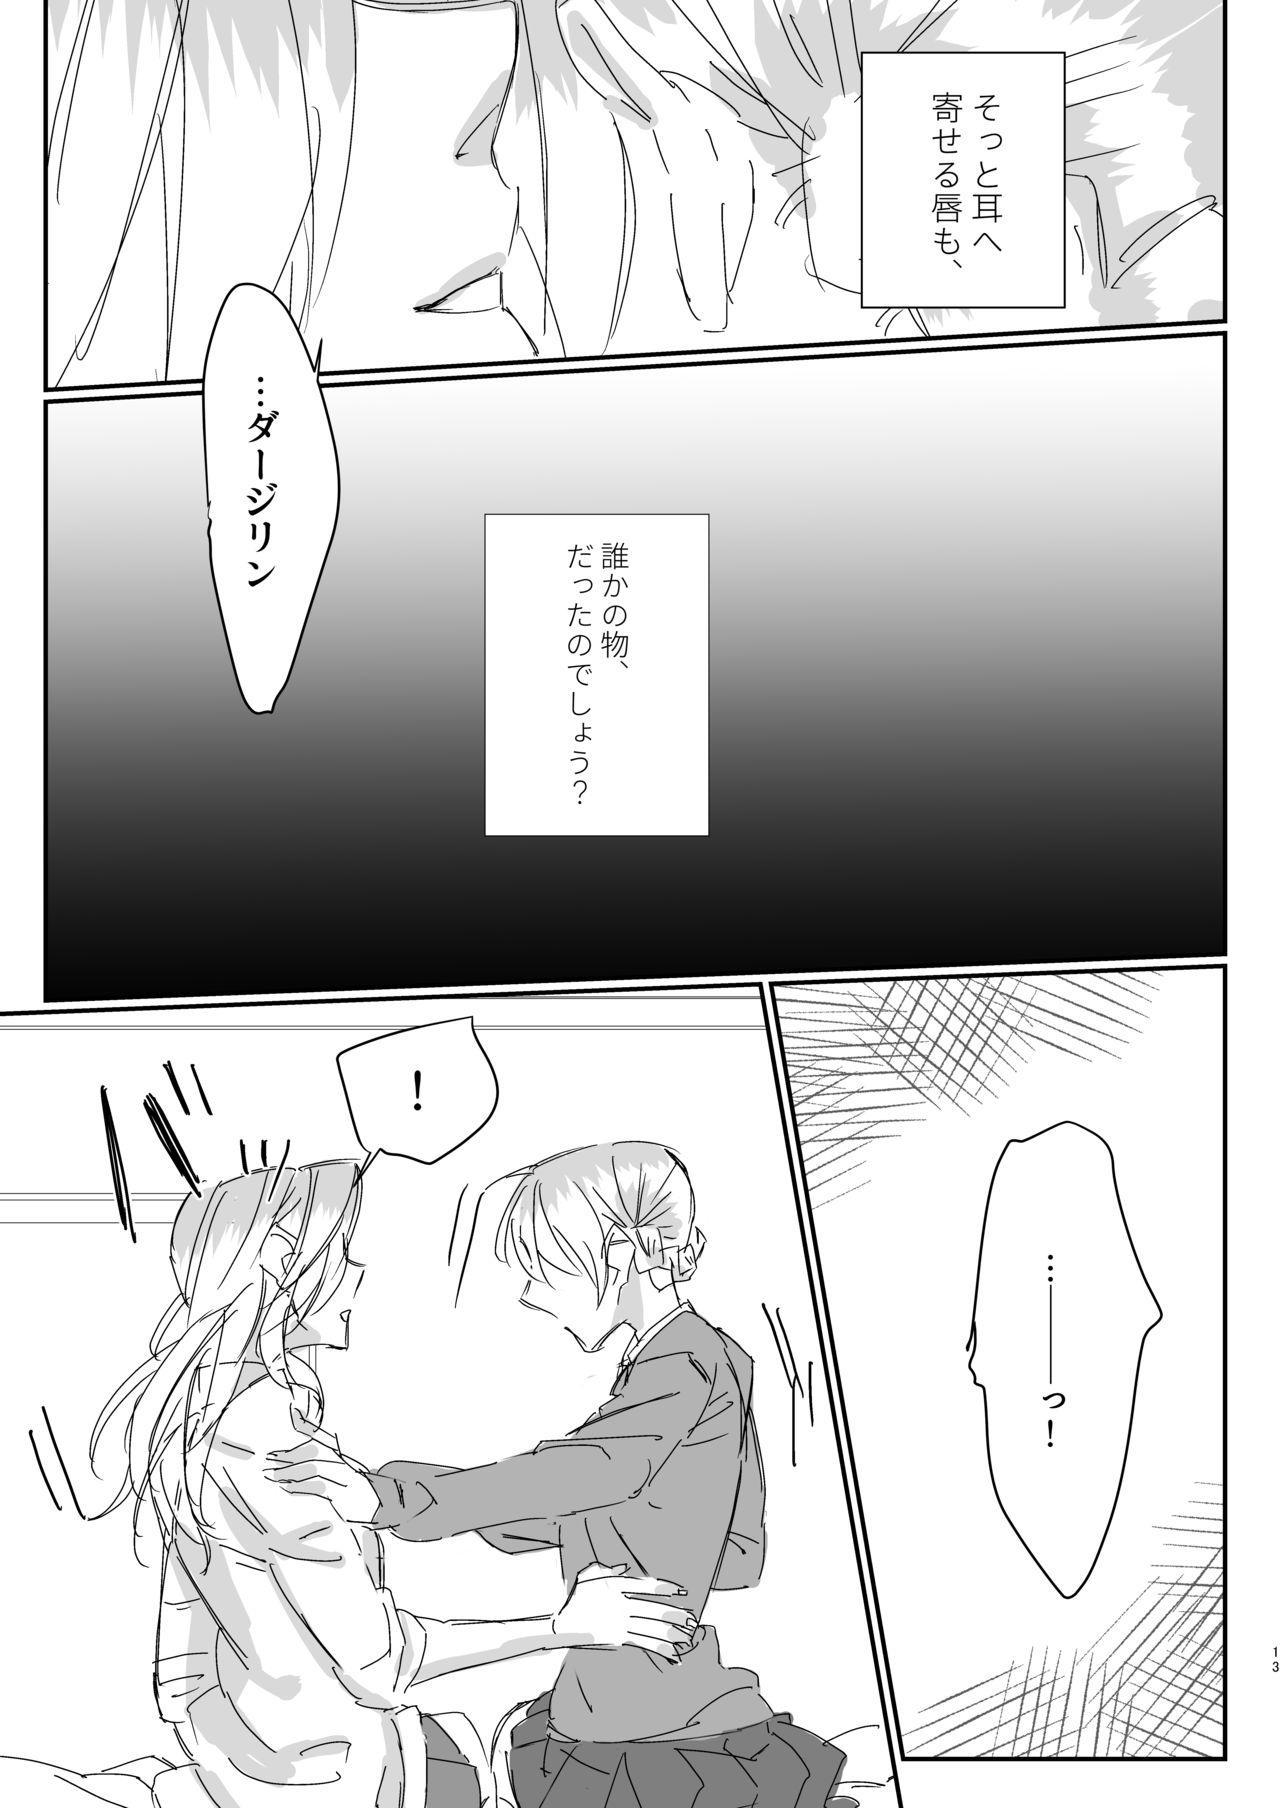 Zutto Kijo ni Koishiteta. 11